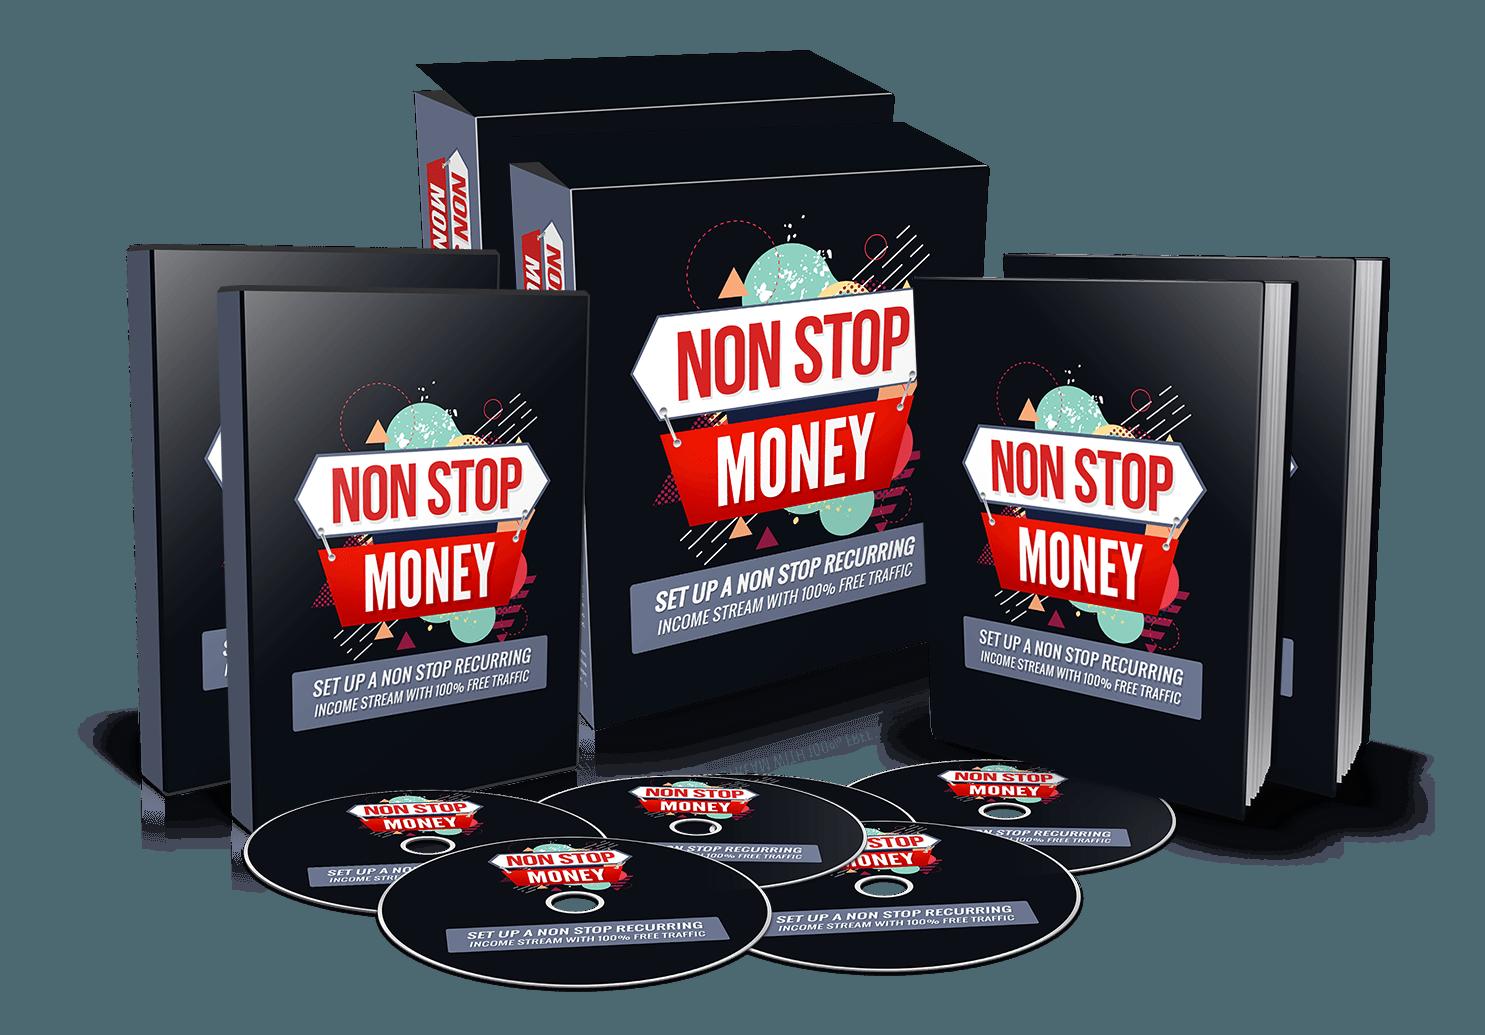 简单的一步一步的指导如何获取不间断的经常性利润来源(Non Stop Money)